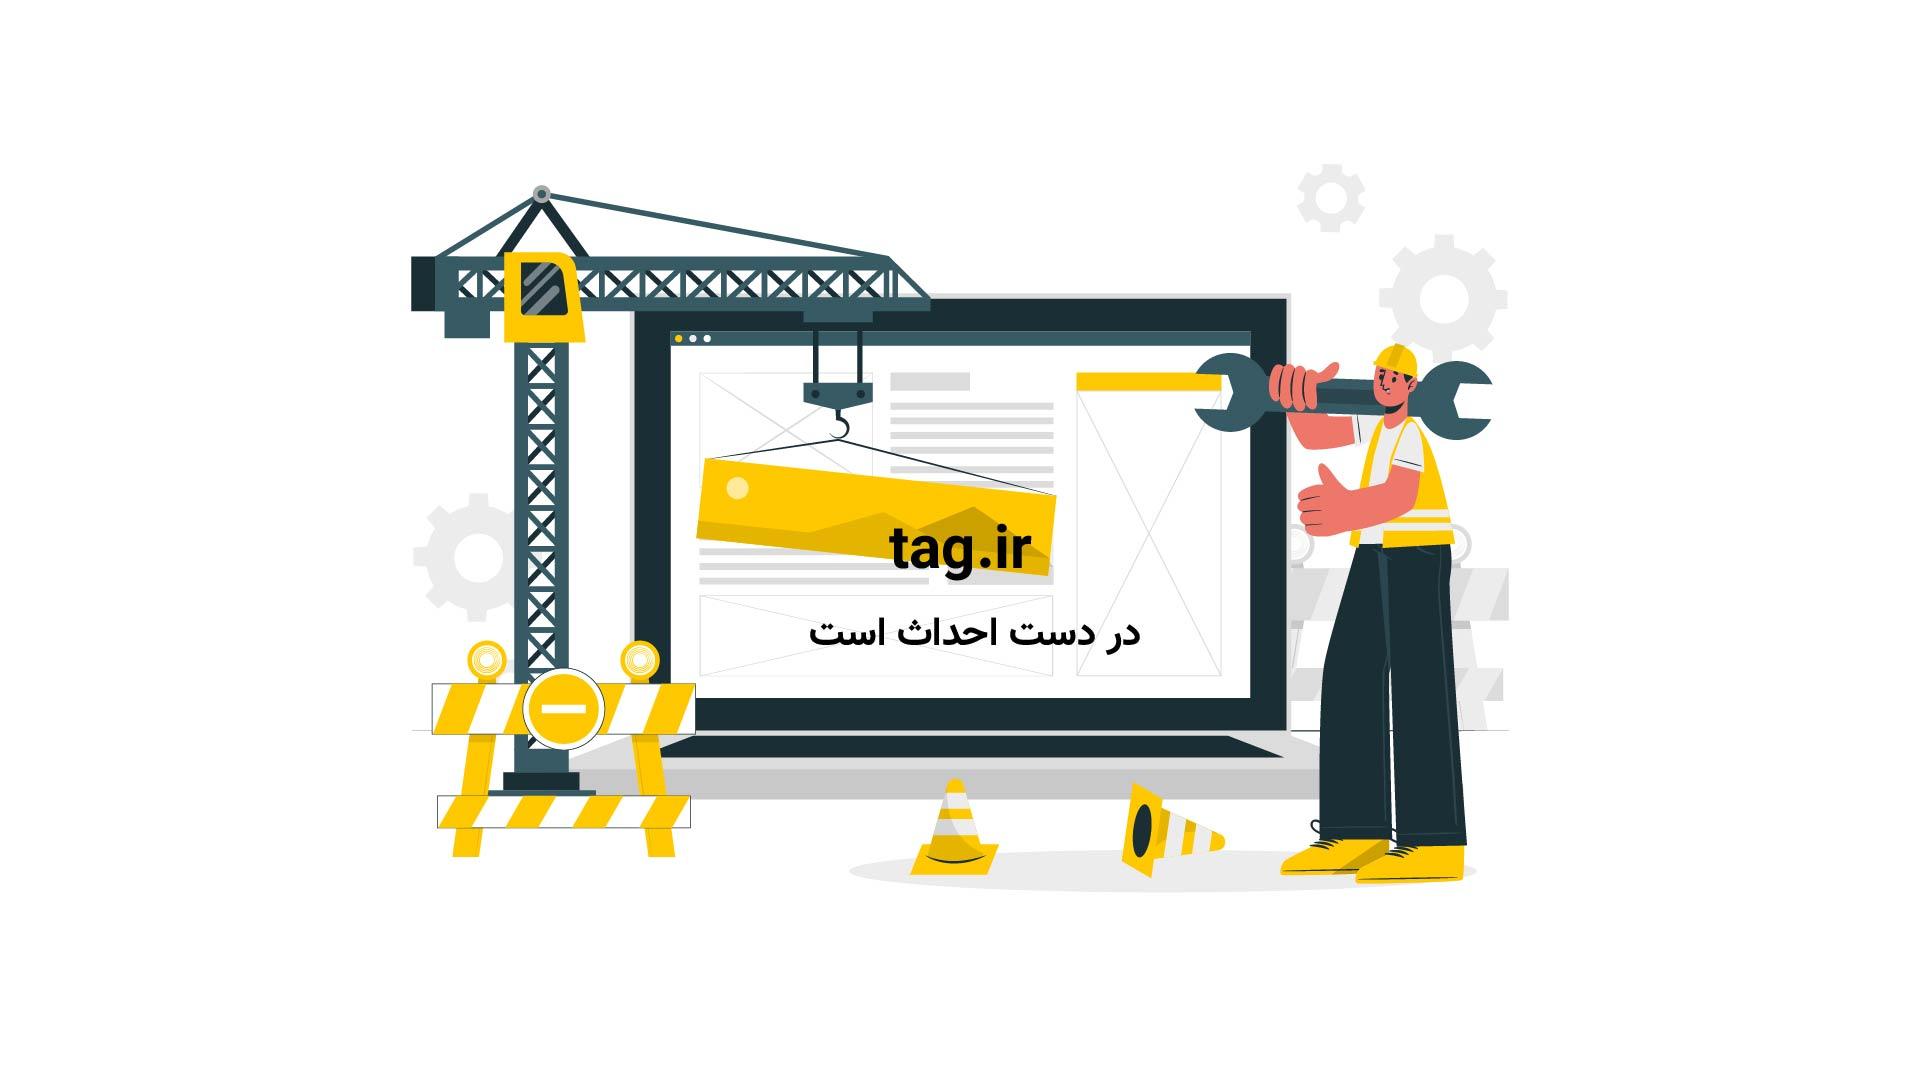 تبلیغ خودرو | تگ